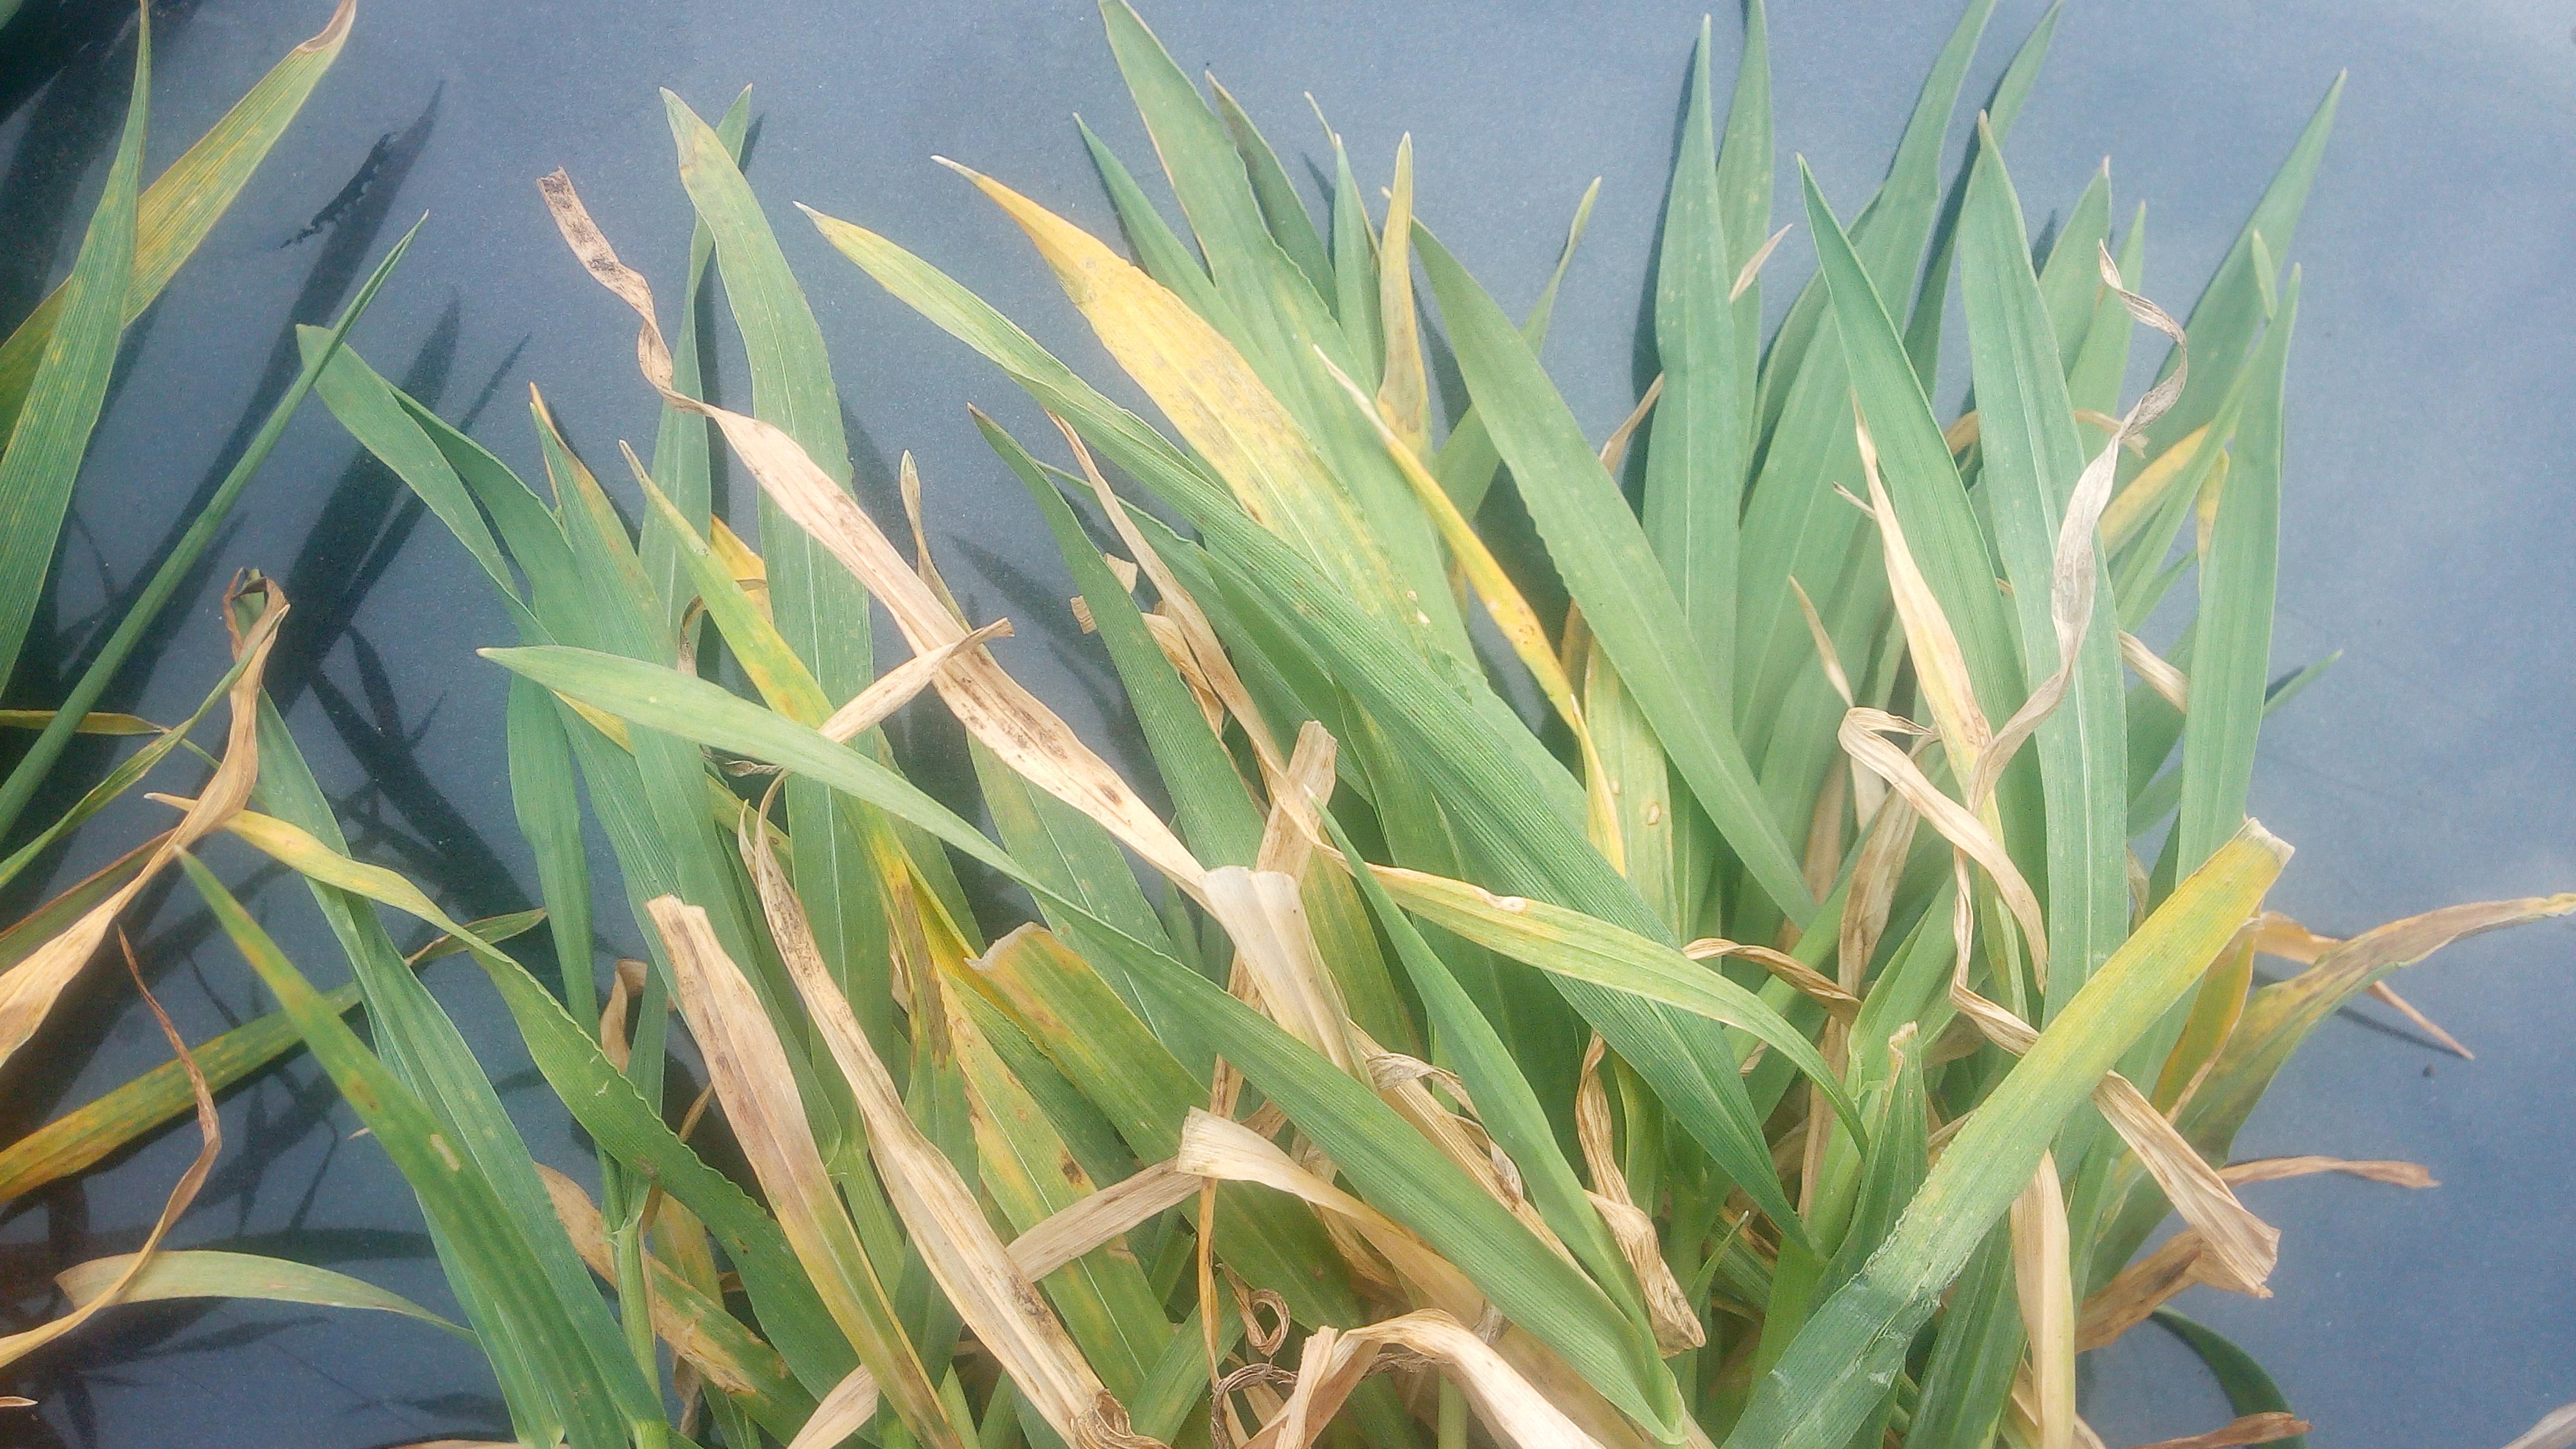 растительные пигменты фото междоузлие пшеницы результаты внеурочной деятельности